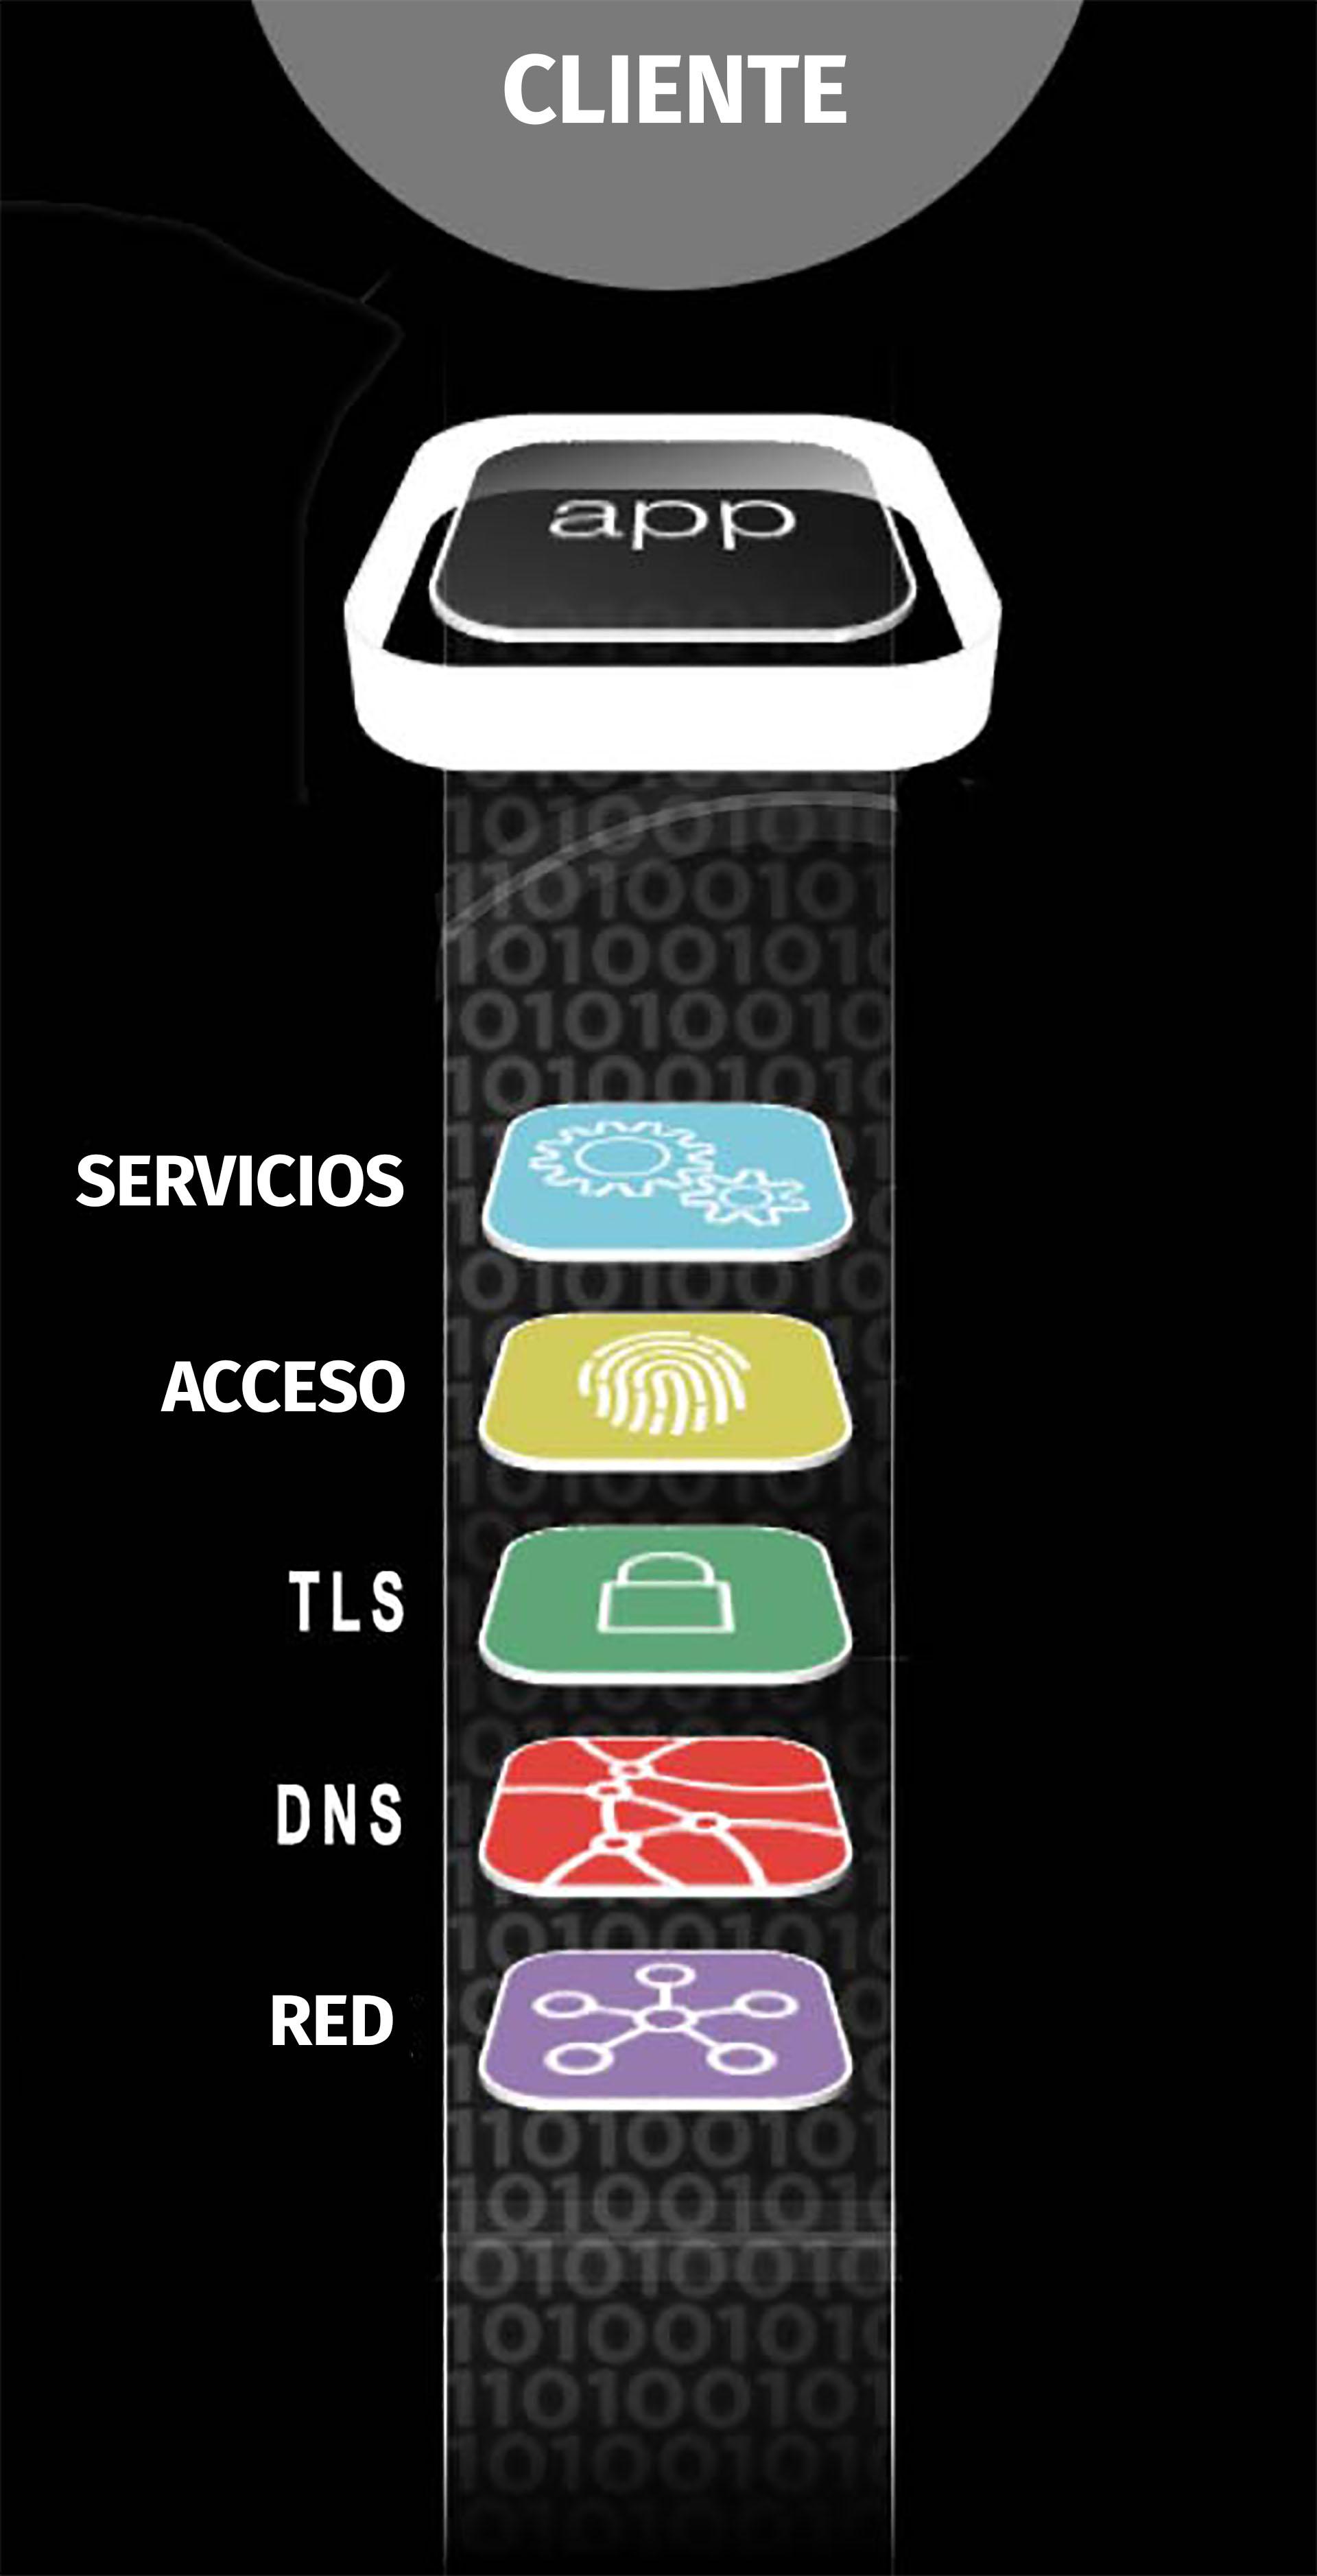 Las capas esenciales deuna aplicación (F5 Labs)